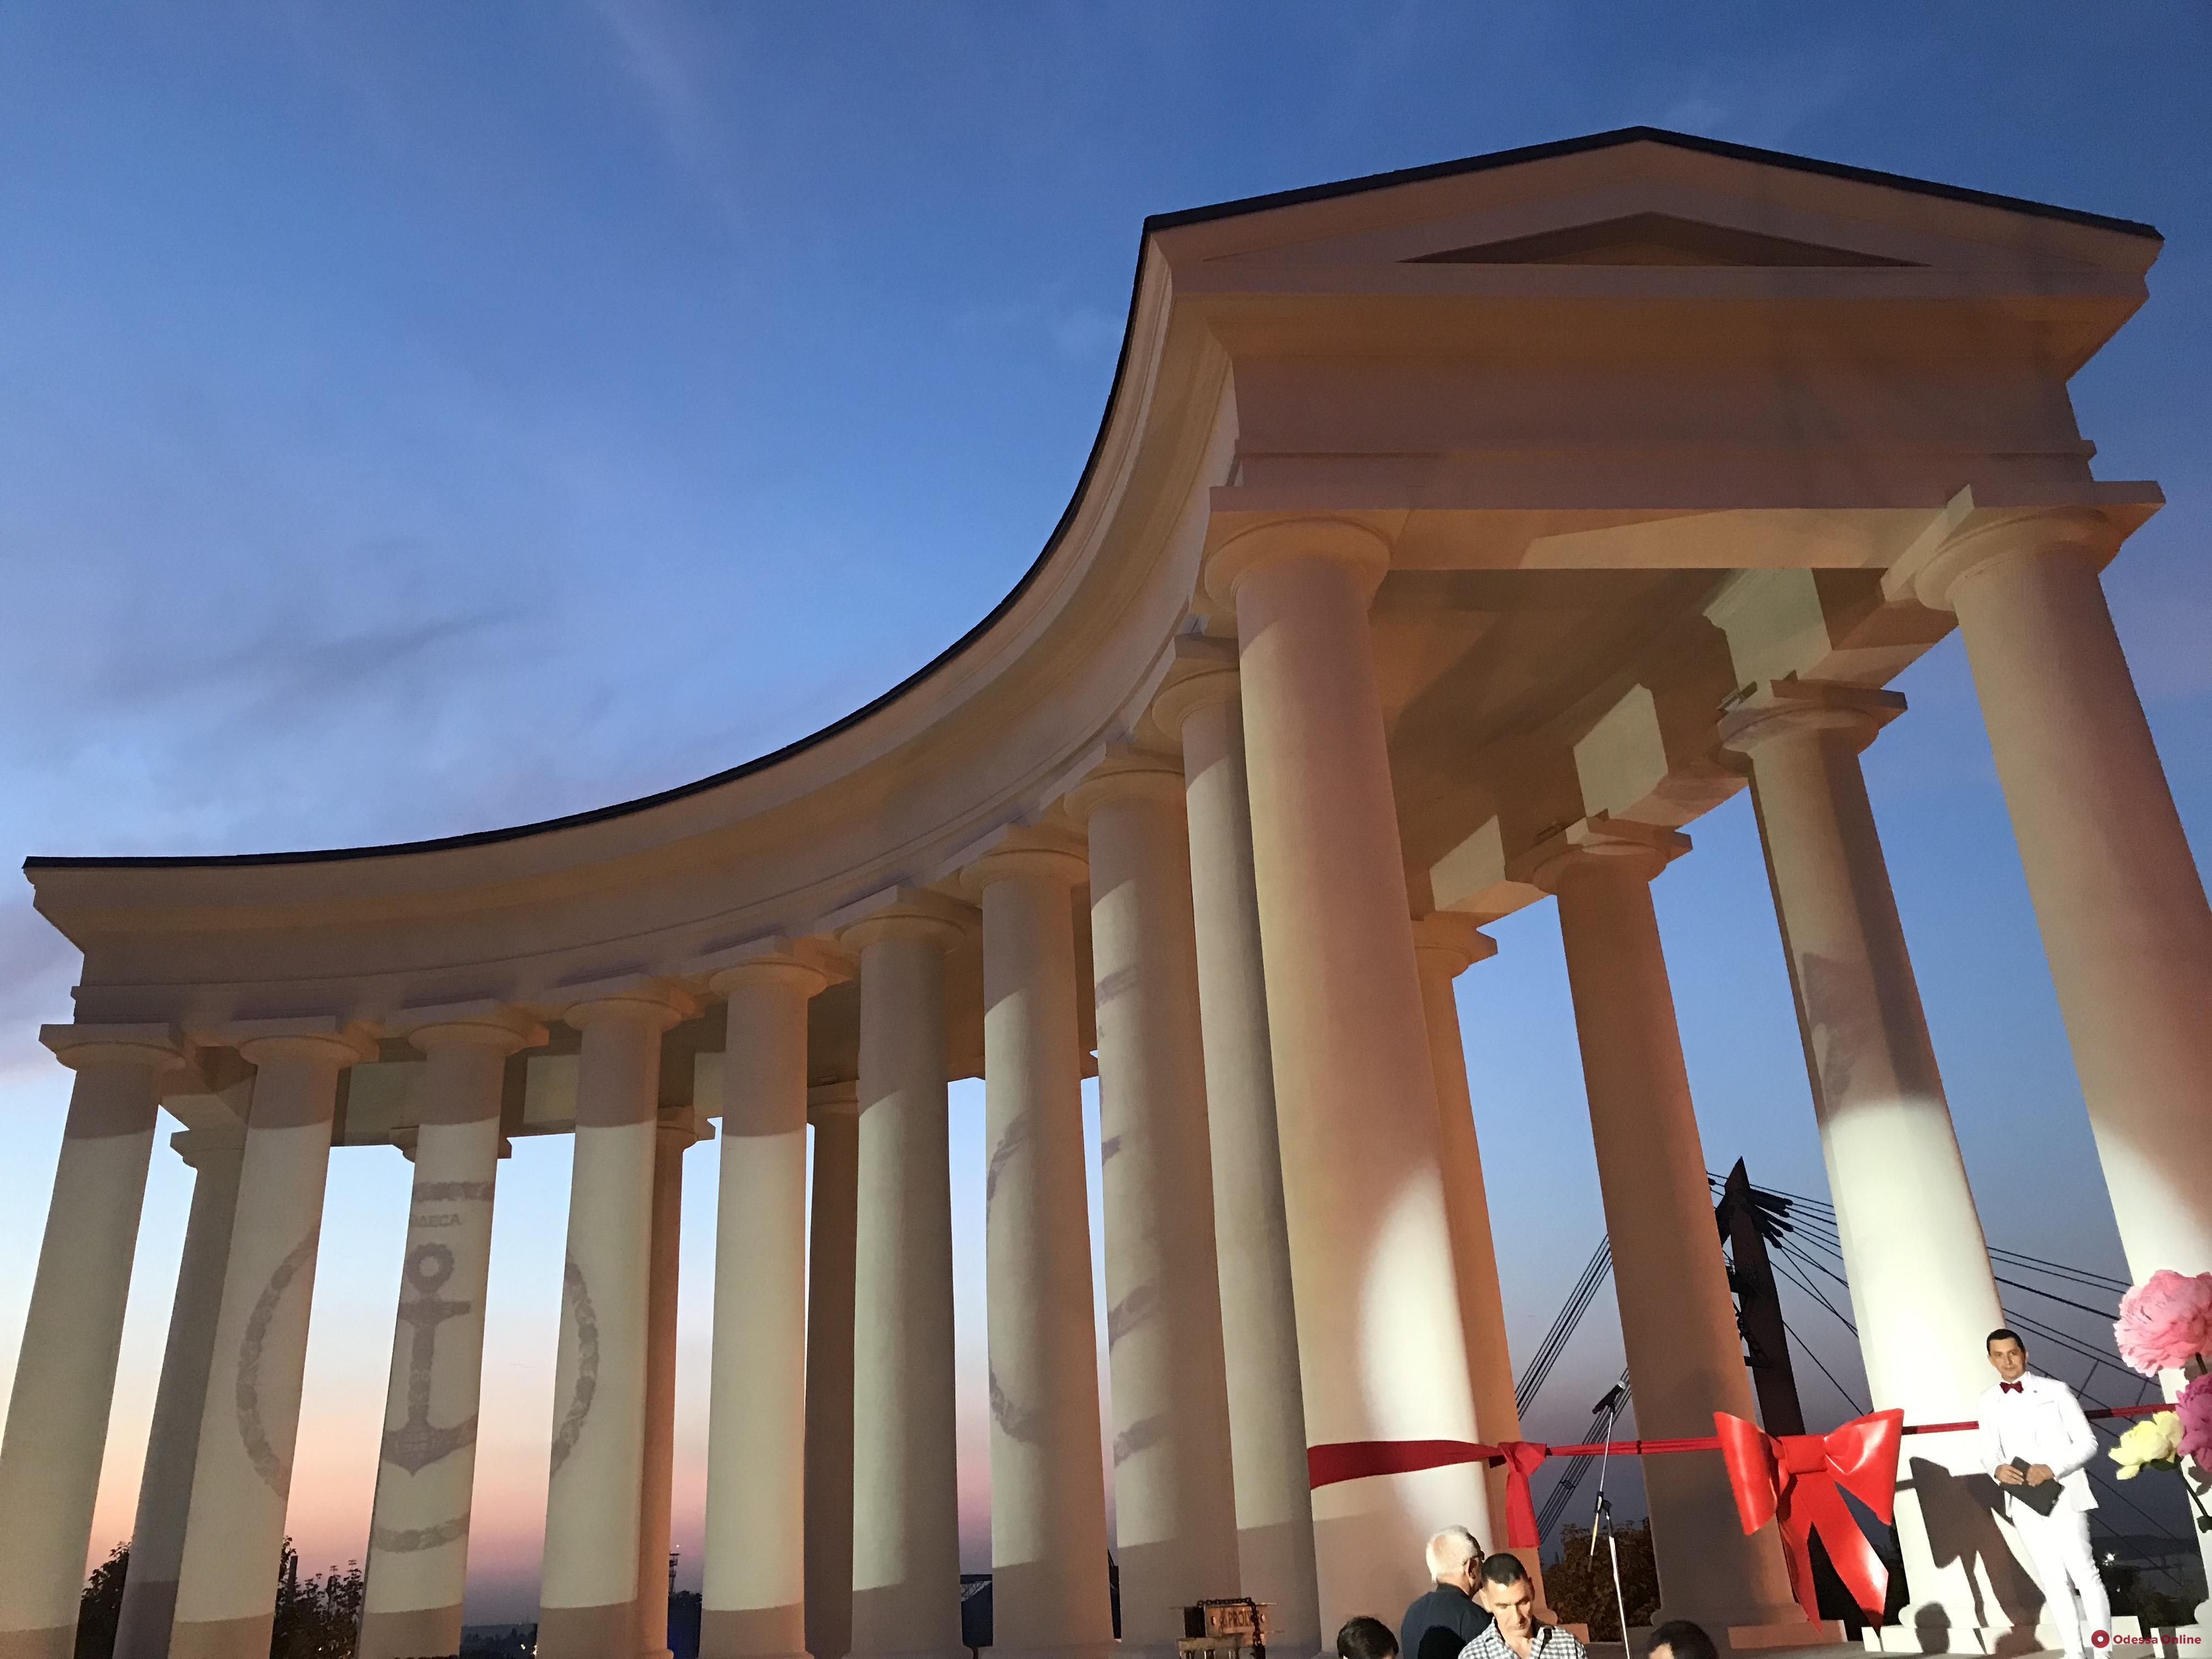 Под звуки оркестра в Одессе открыли отреставрированную Воронцовскую колоннаду